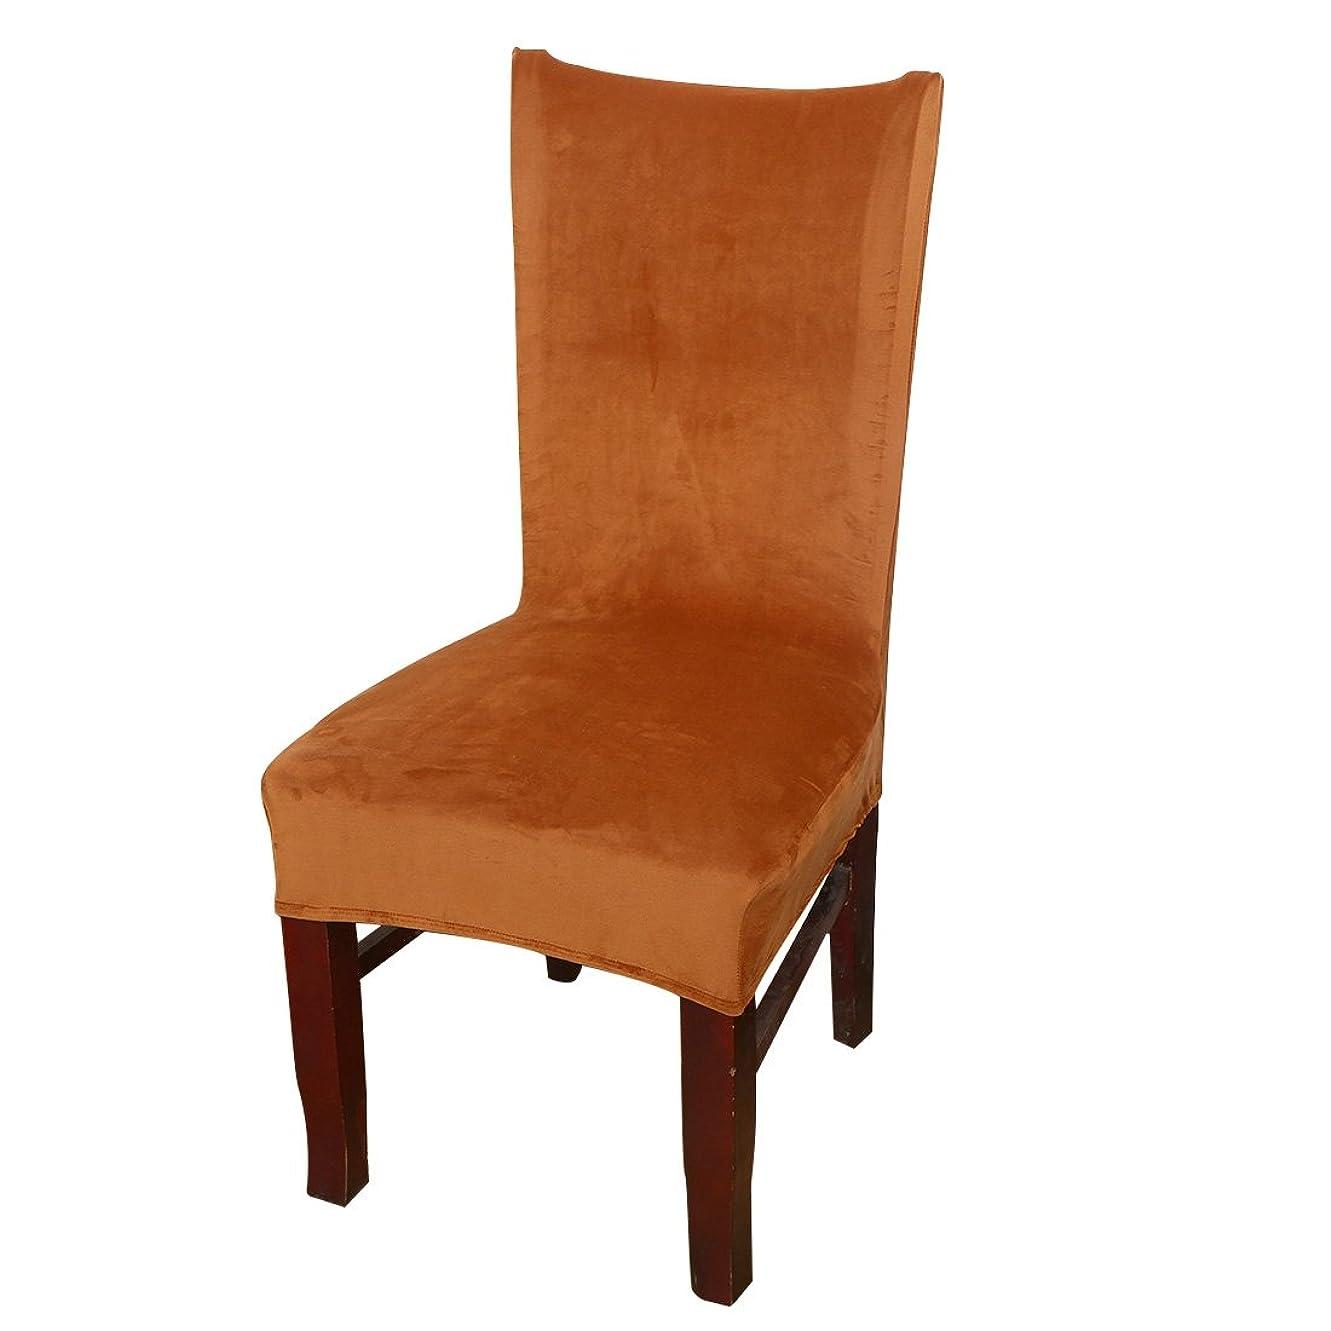 抑圧者勢い祖母(Enerhu)椅子カバー チェアカバー ダイニング椅子カバー 座椅子フルカバー ストレッチ 座面 背部用 家庭用 ホテル用 伸縮素材 洗える 18色 ブラウン